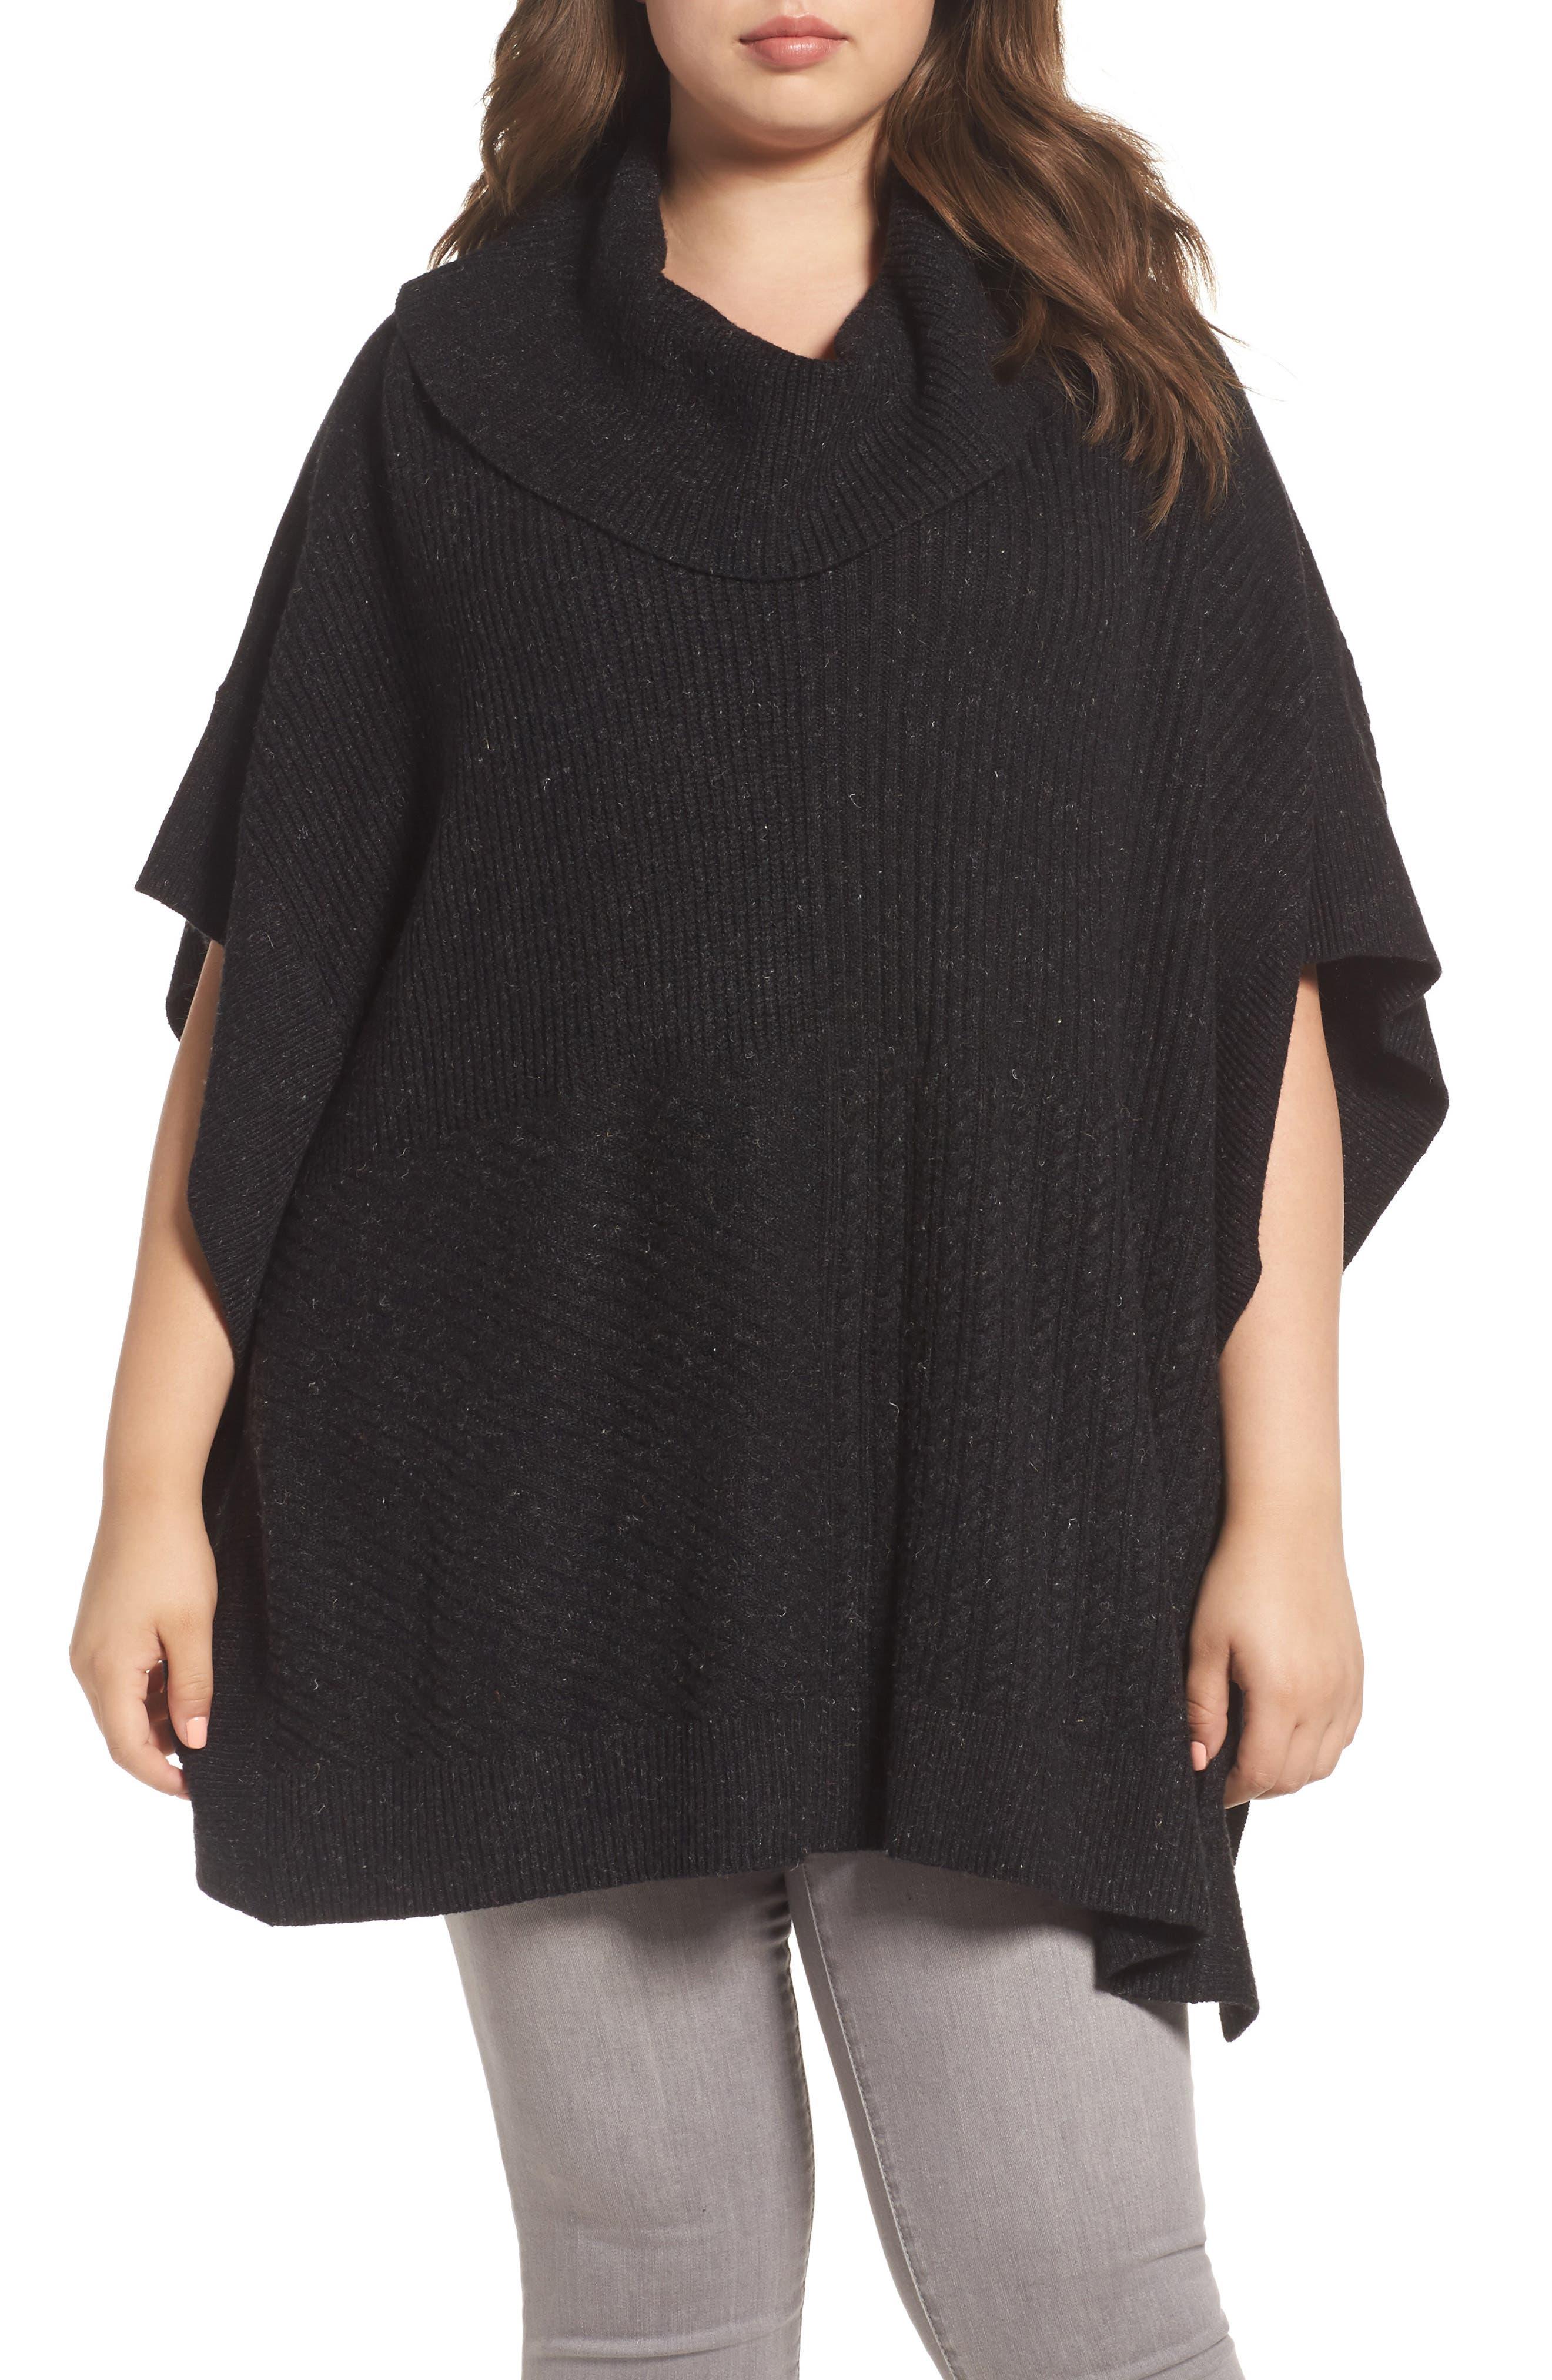 Main Image - Caslon® Mixed Stitch Poncho Sweater (Plus Size)